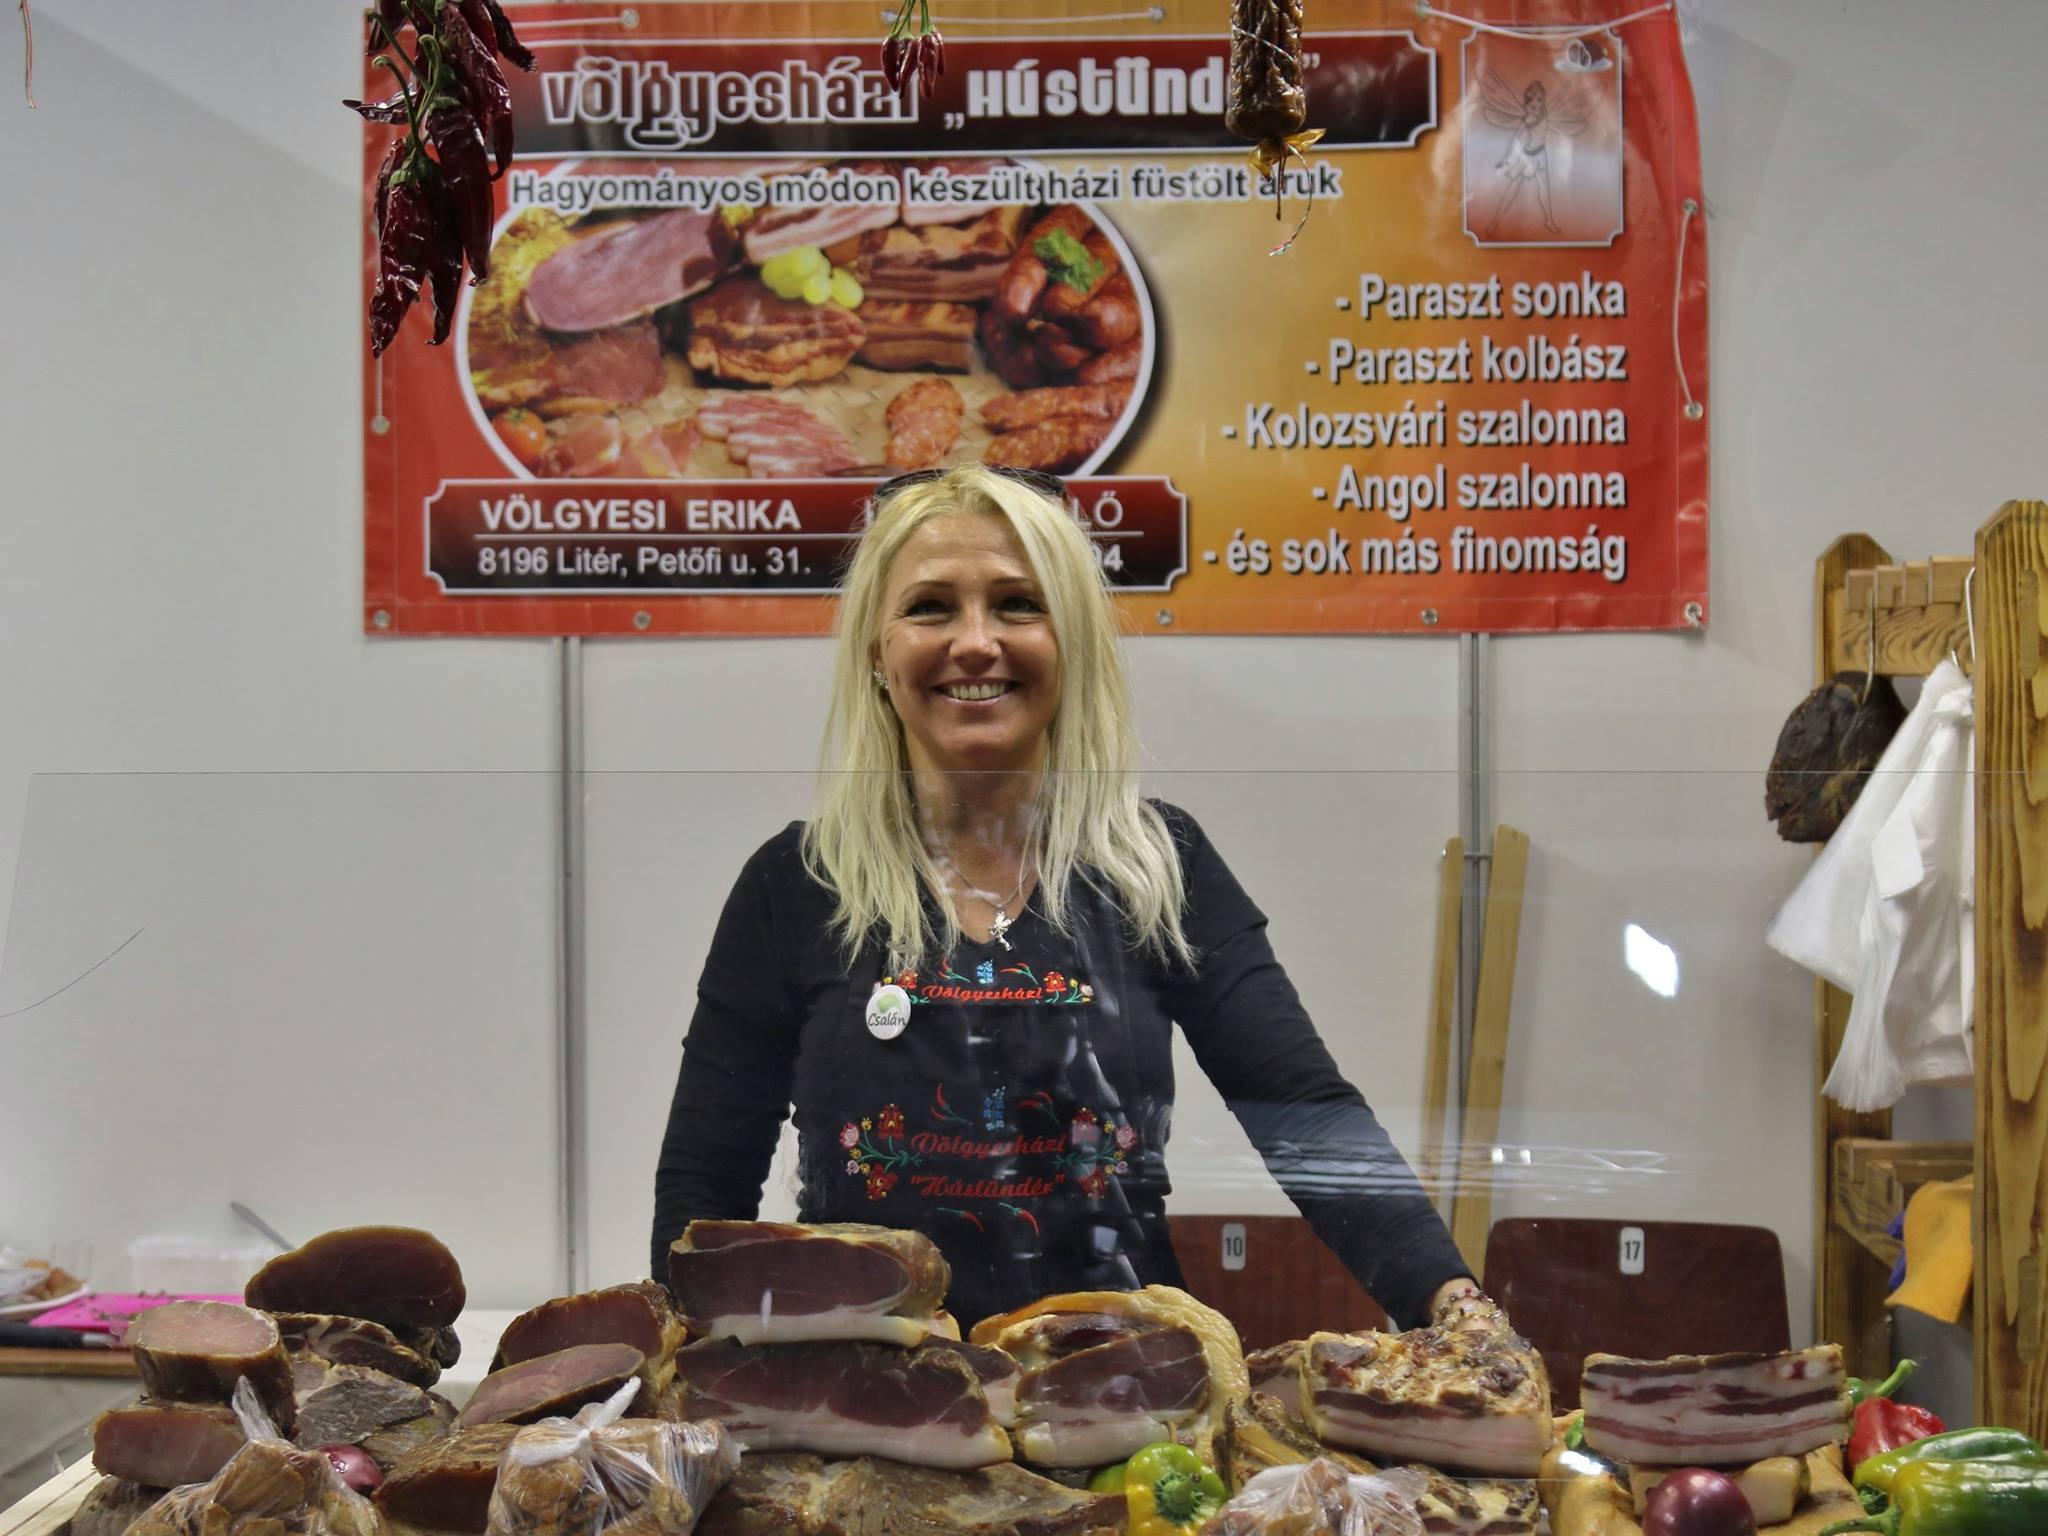 Hétvégi program: Bakony Expo Veszprémben